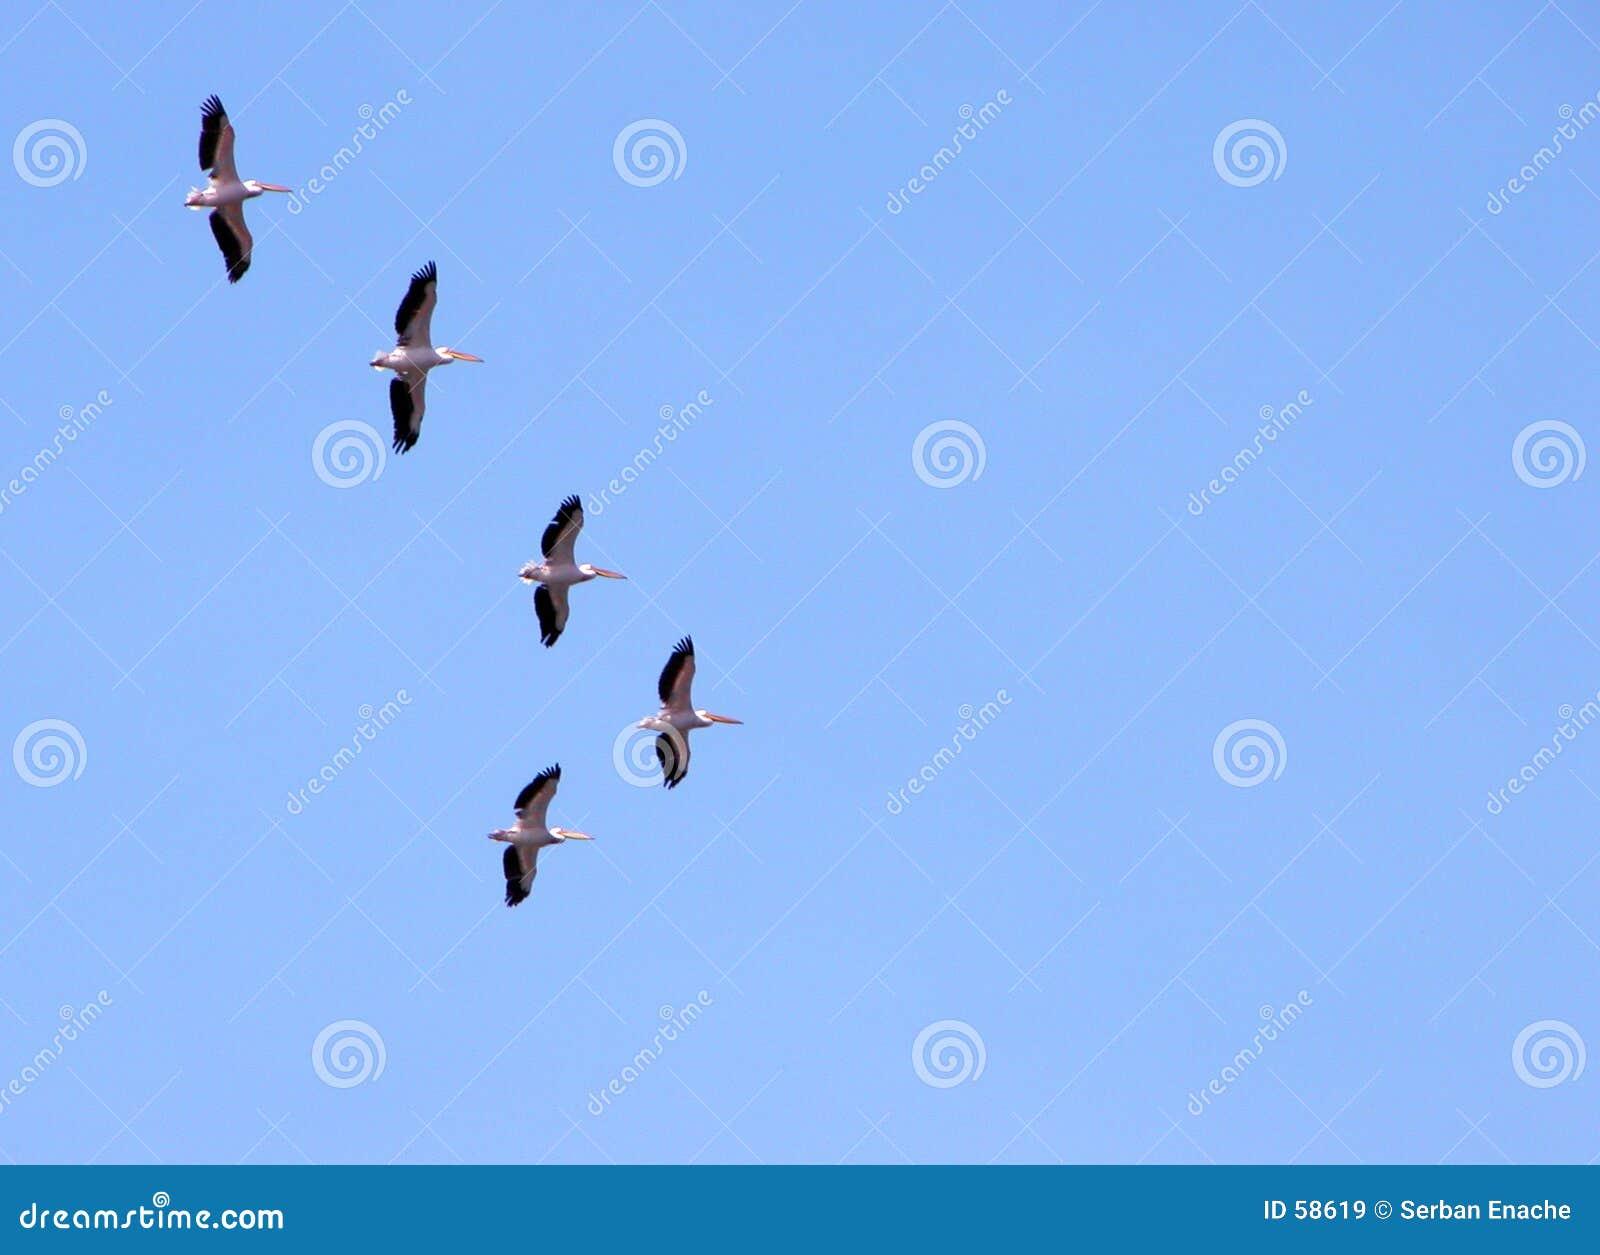 Pelicans migrating